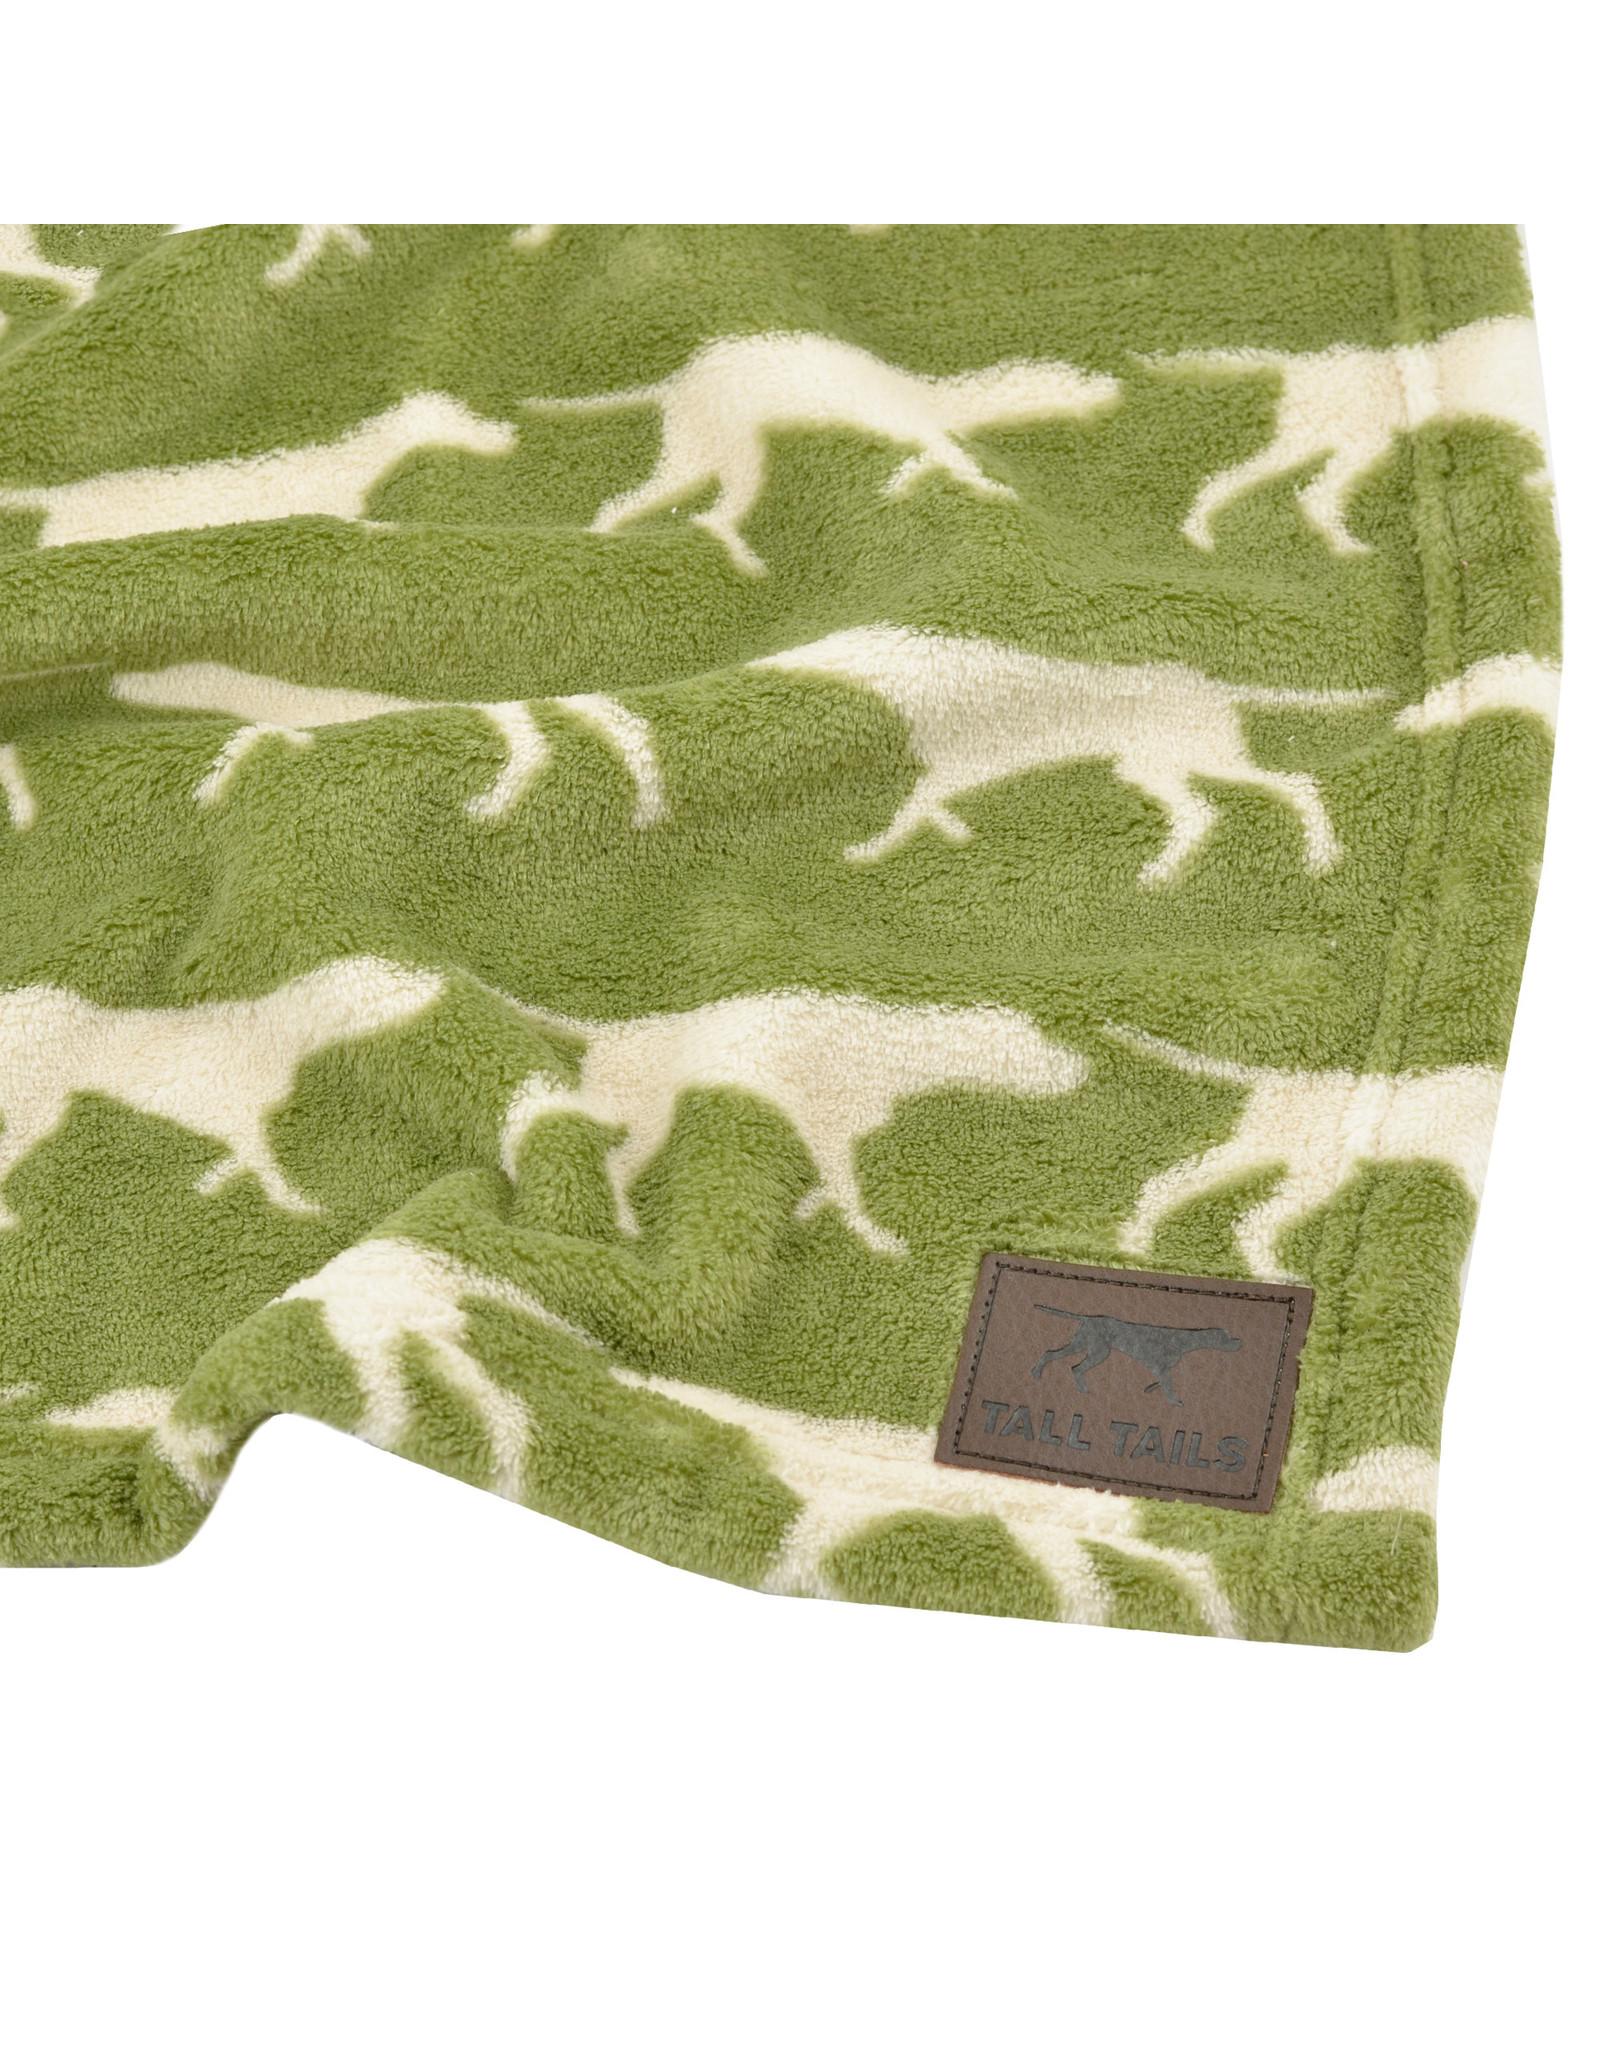 Fleece Dog Blanket, 30x40, sage icon